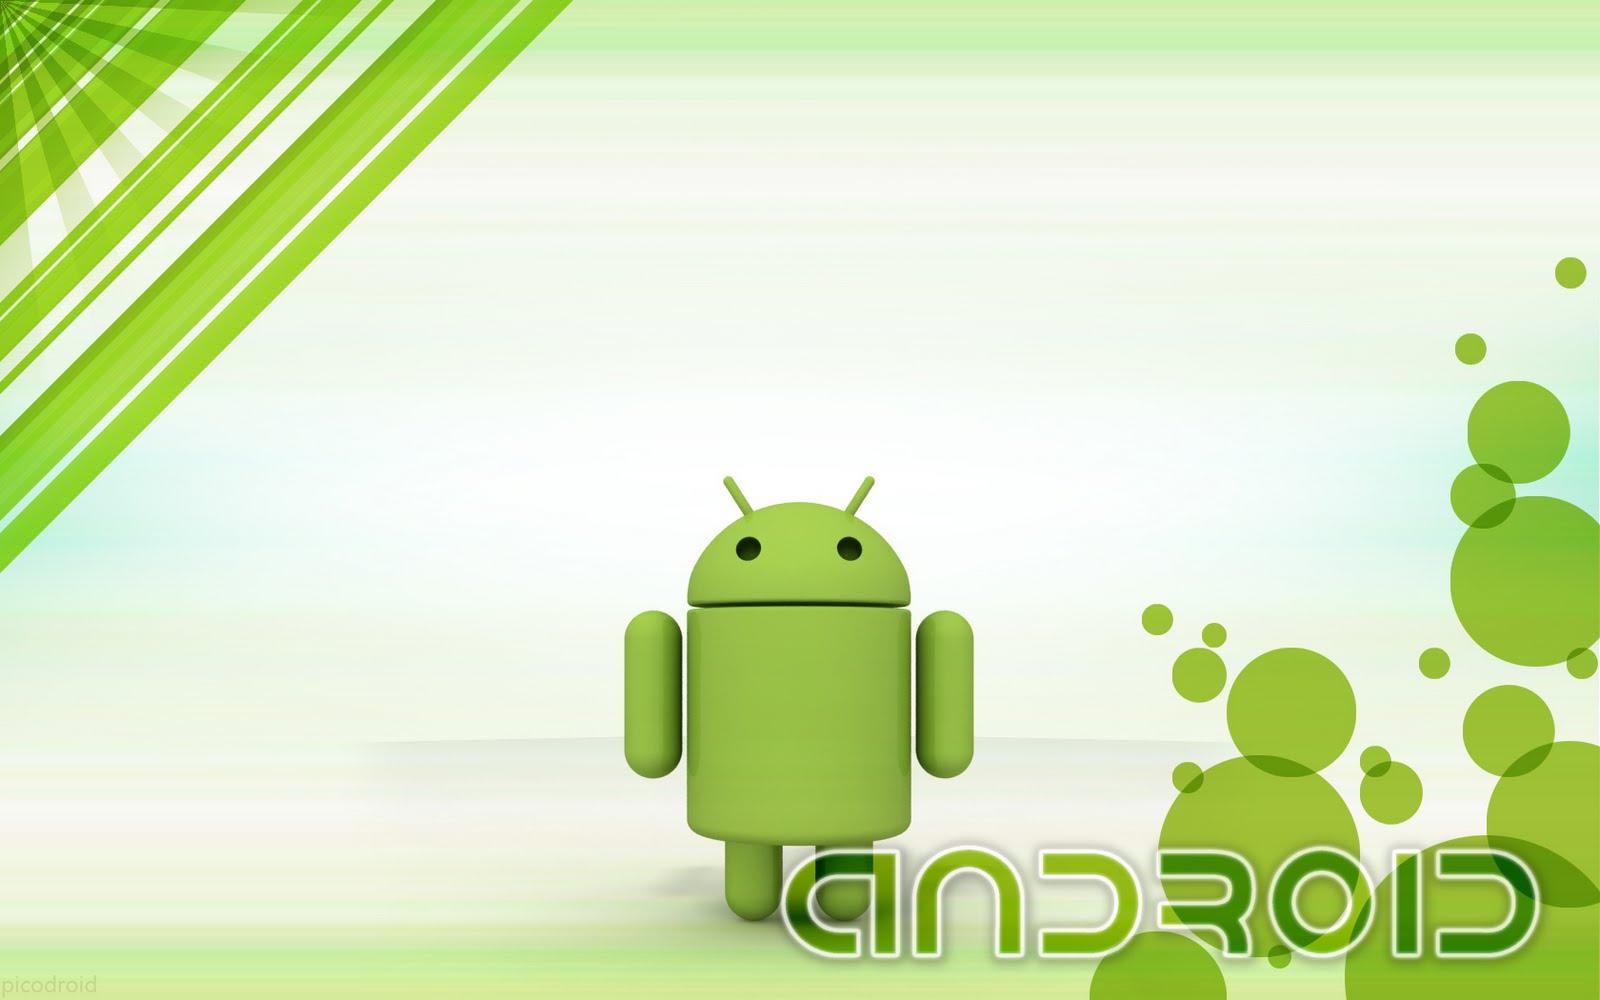 http://2.bp.blogspot.com/-QX6MtJ9W7Pg/Tb4lUvxIcrI/AAAAAAAAAF8/erdmfgpLkew/s1600/android_wallpaper_by_picolini.jpg